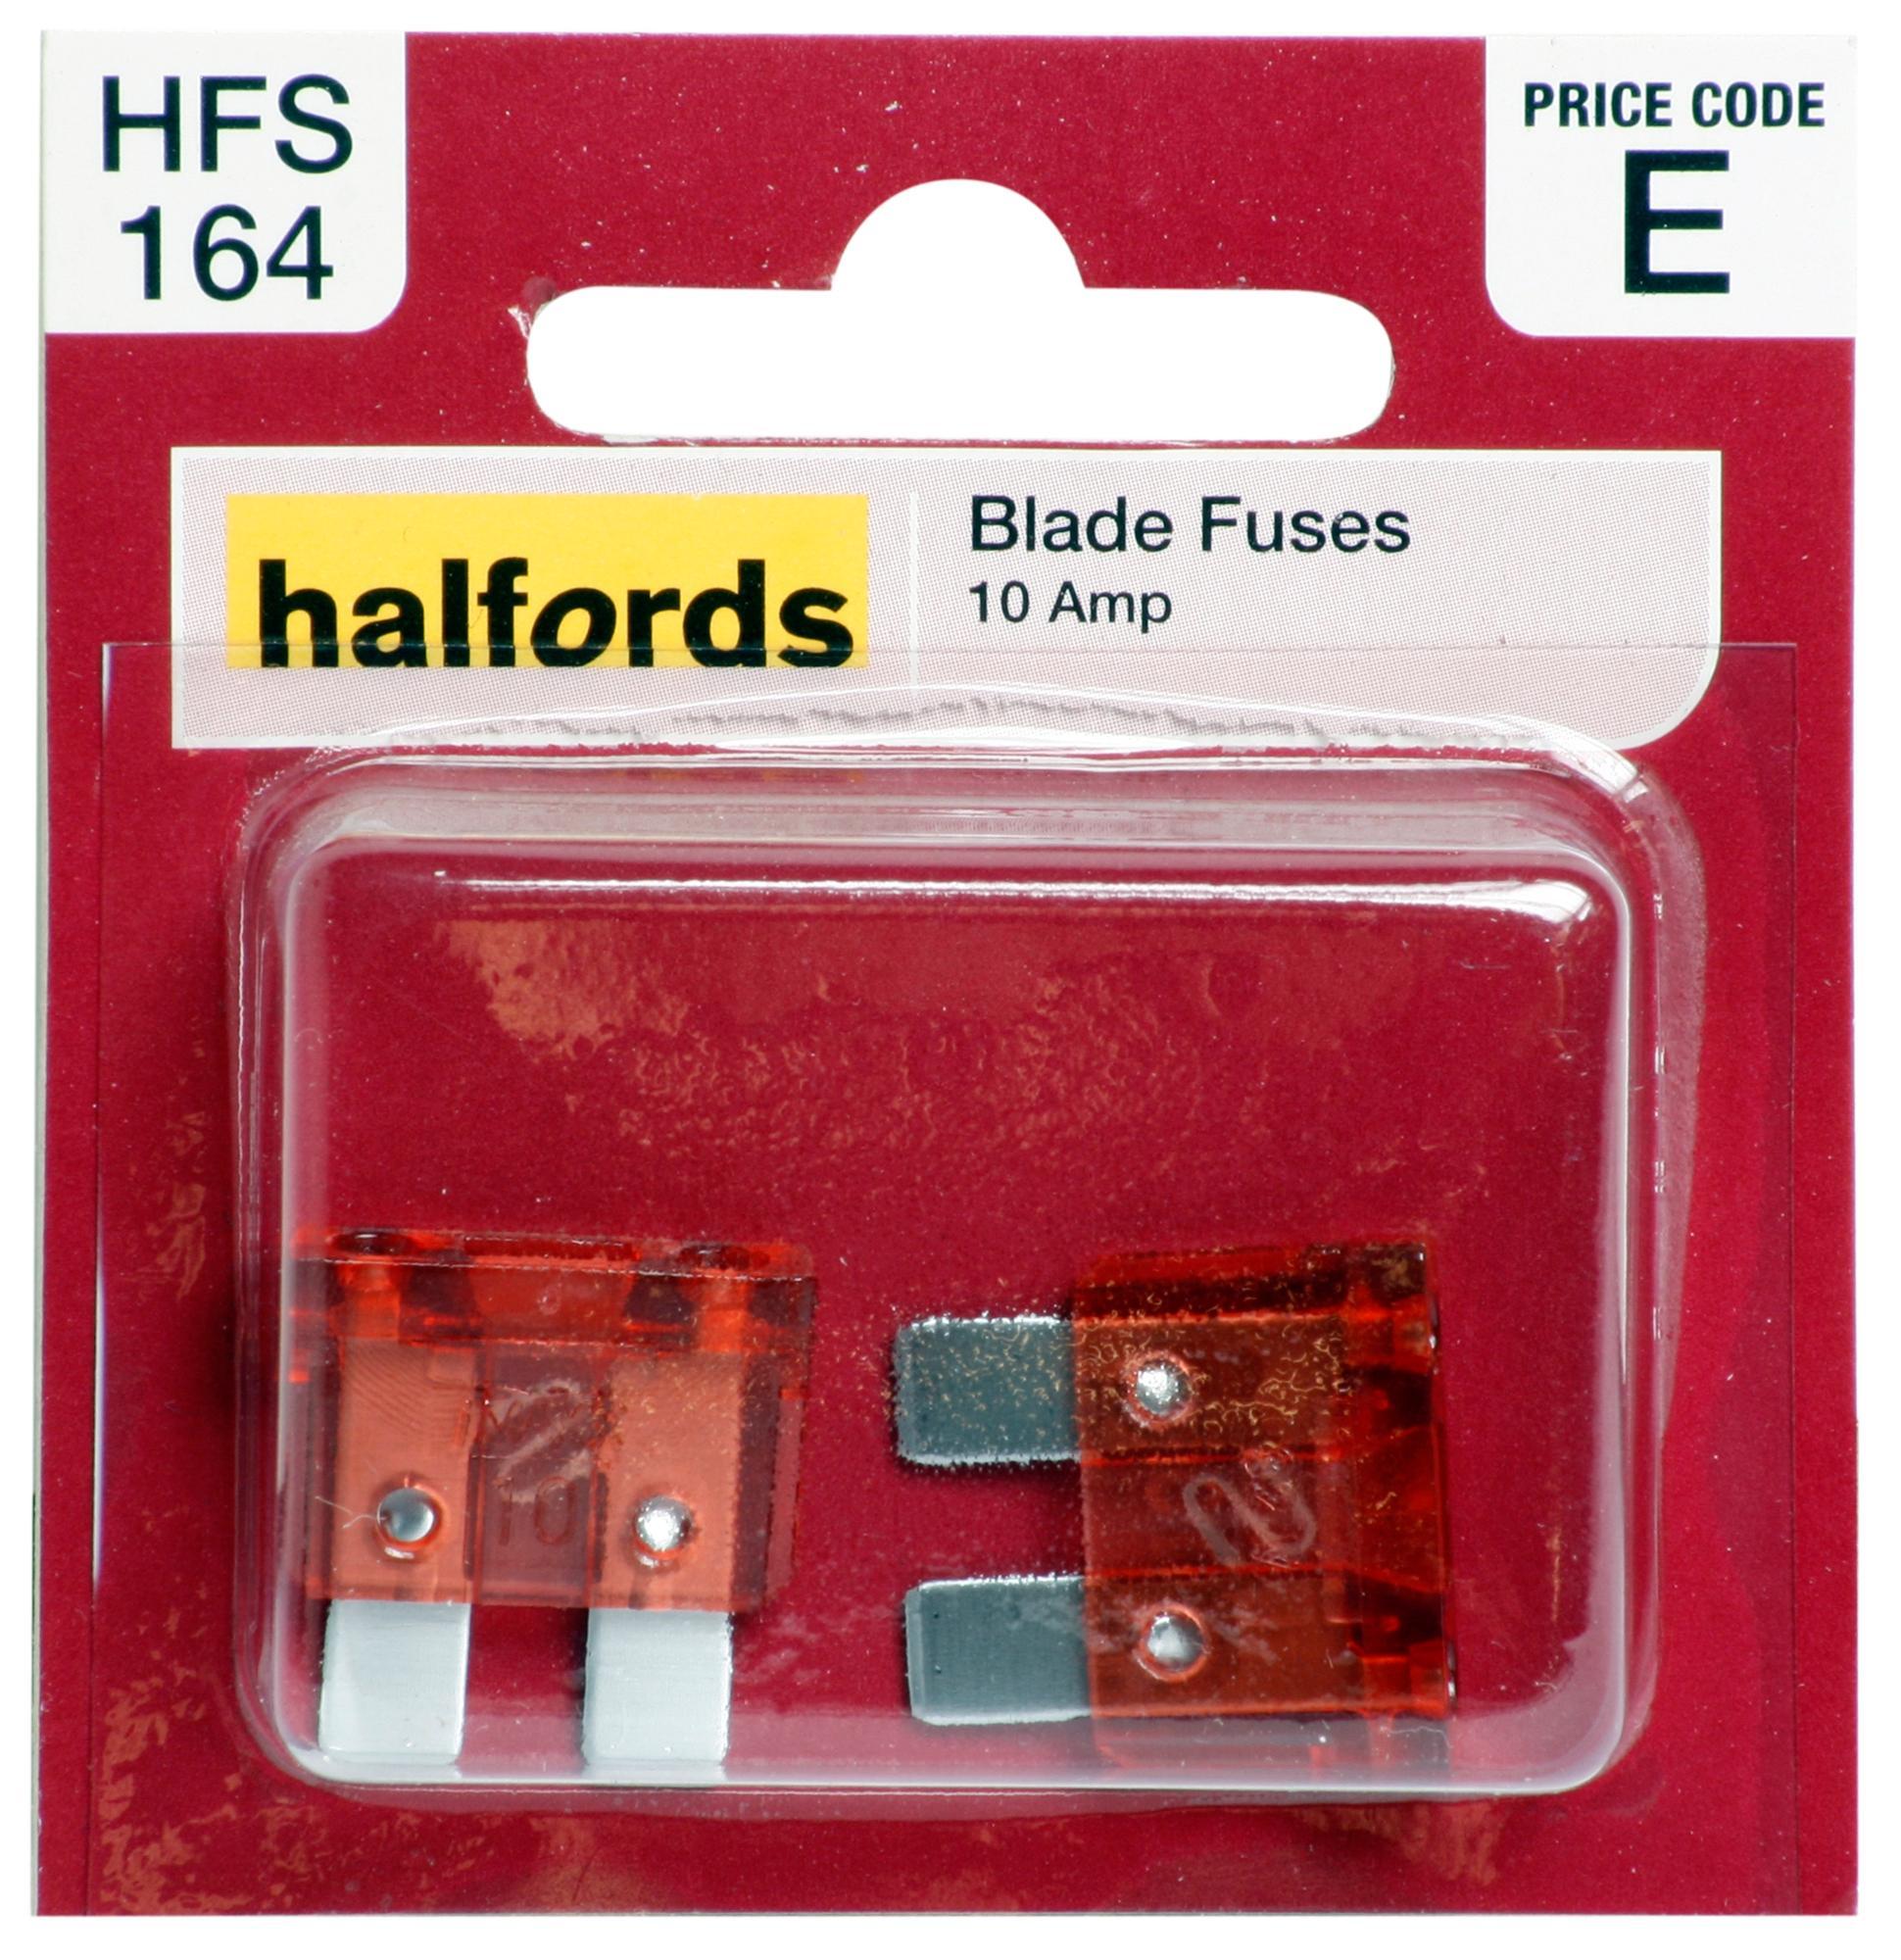 halfords blade fuses 10 amp rh halfords com